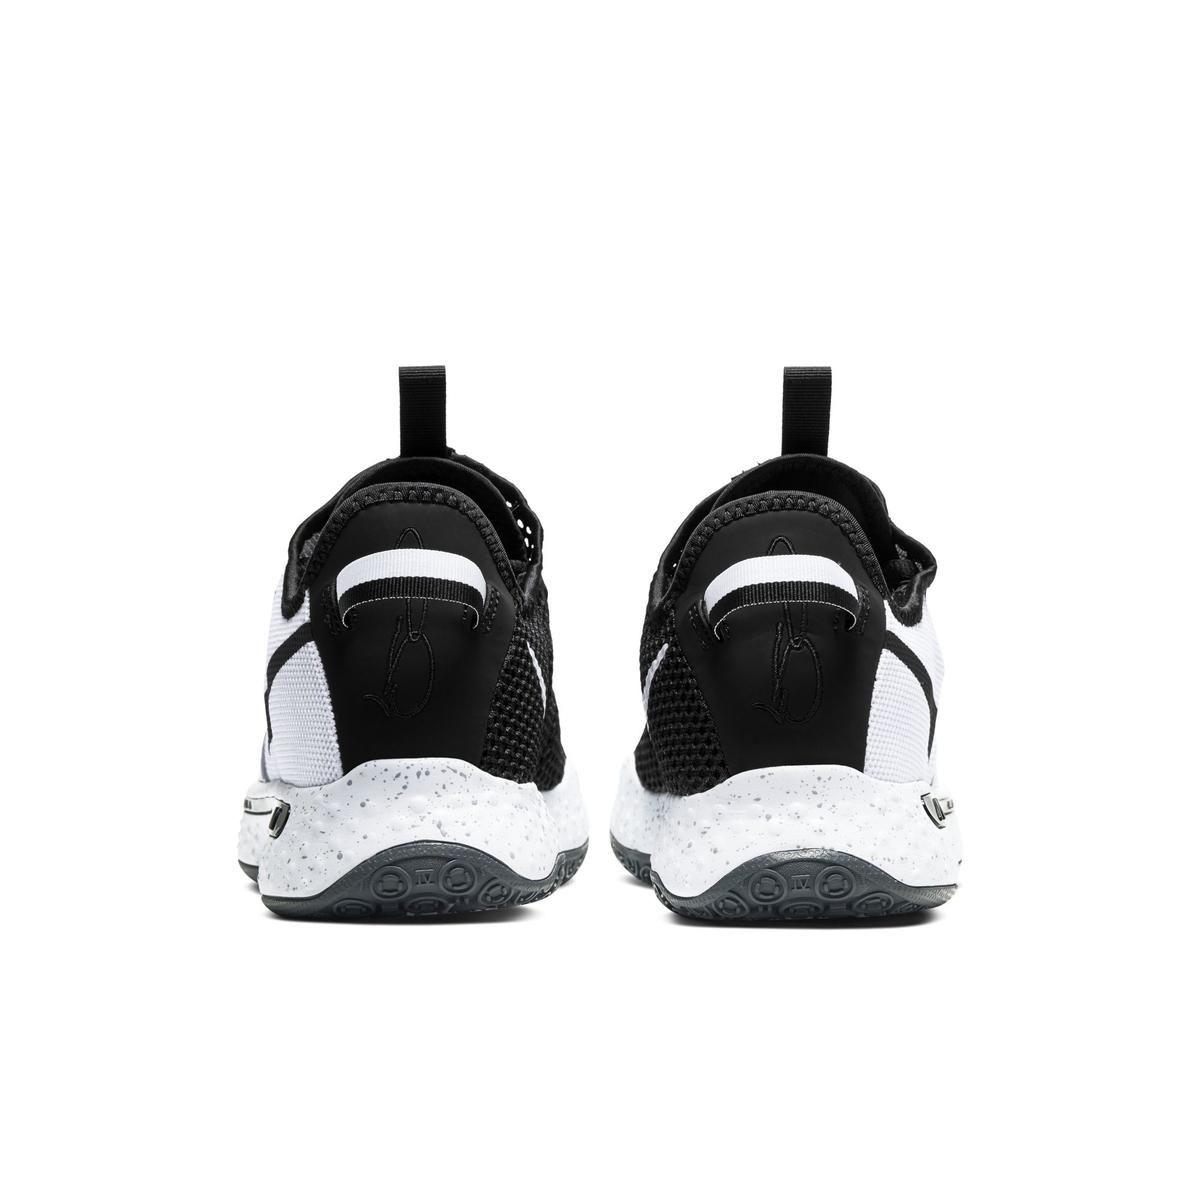 Nike,PG4 阴阳奥利奥装扮!PG4 全新配色下月发售